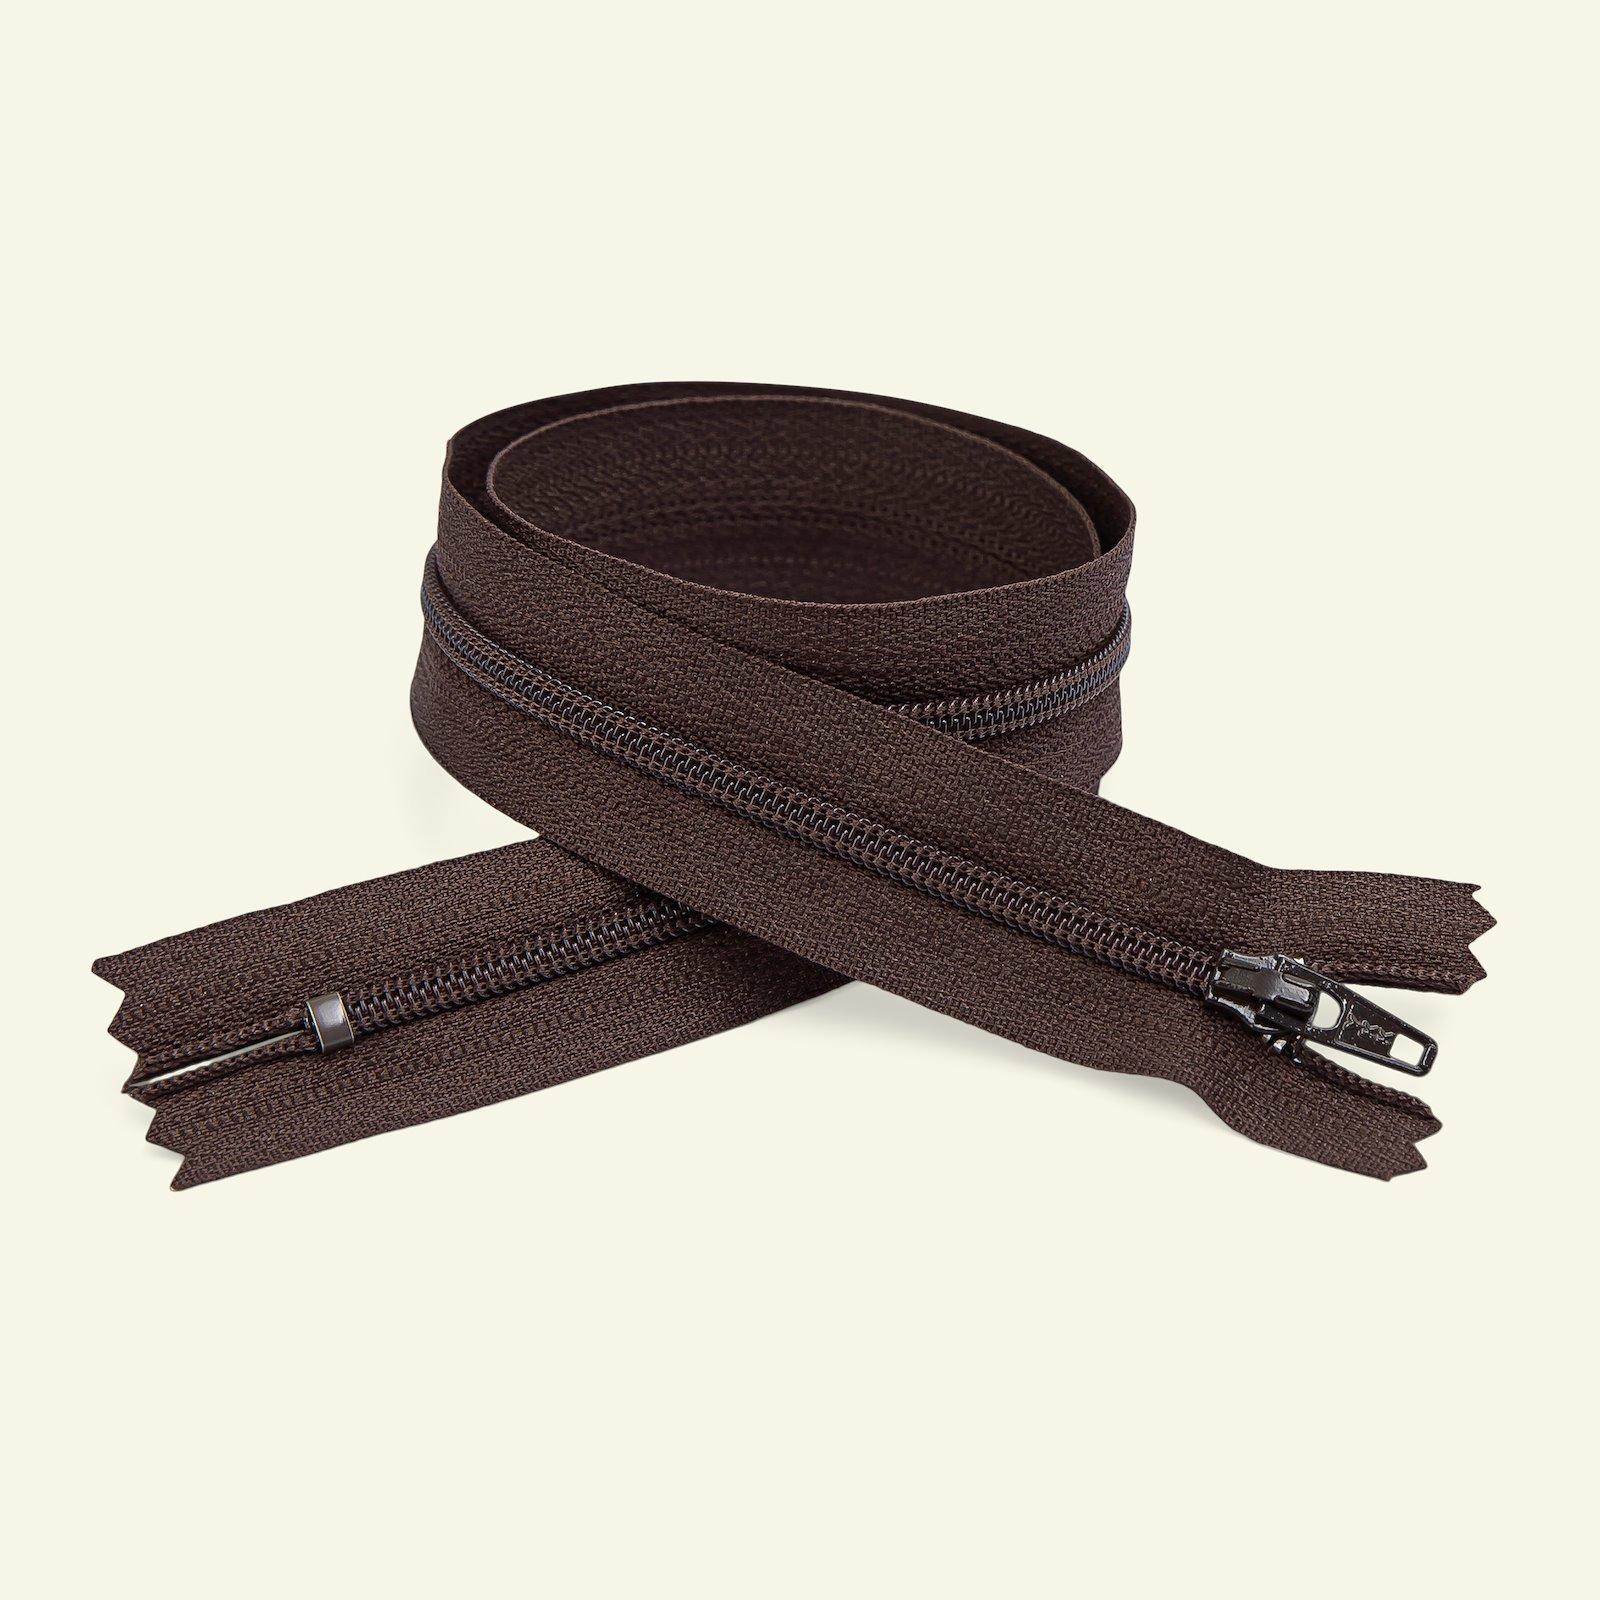 YKK zip 4mm closed end 25cm brown x40537_pack